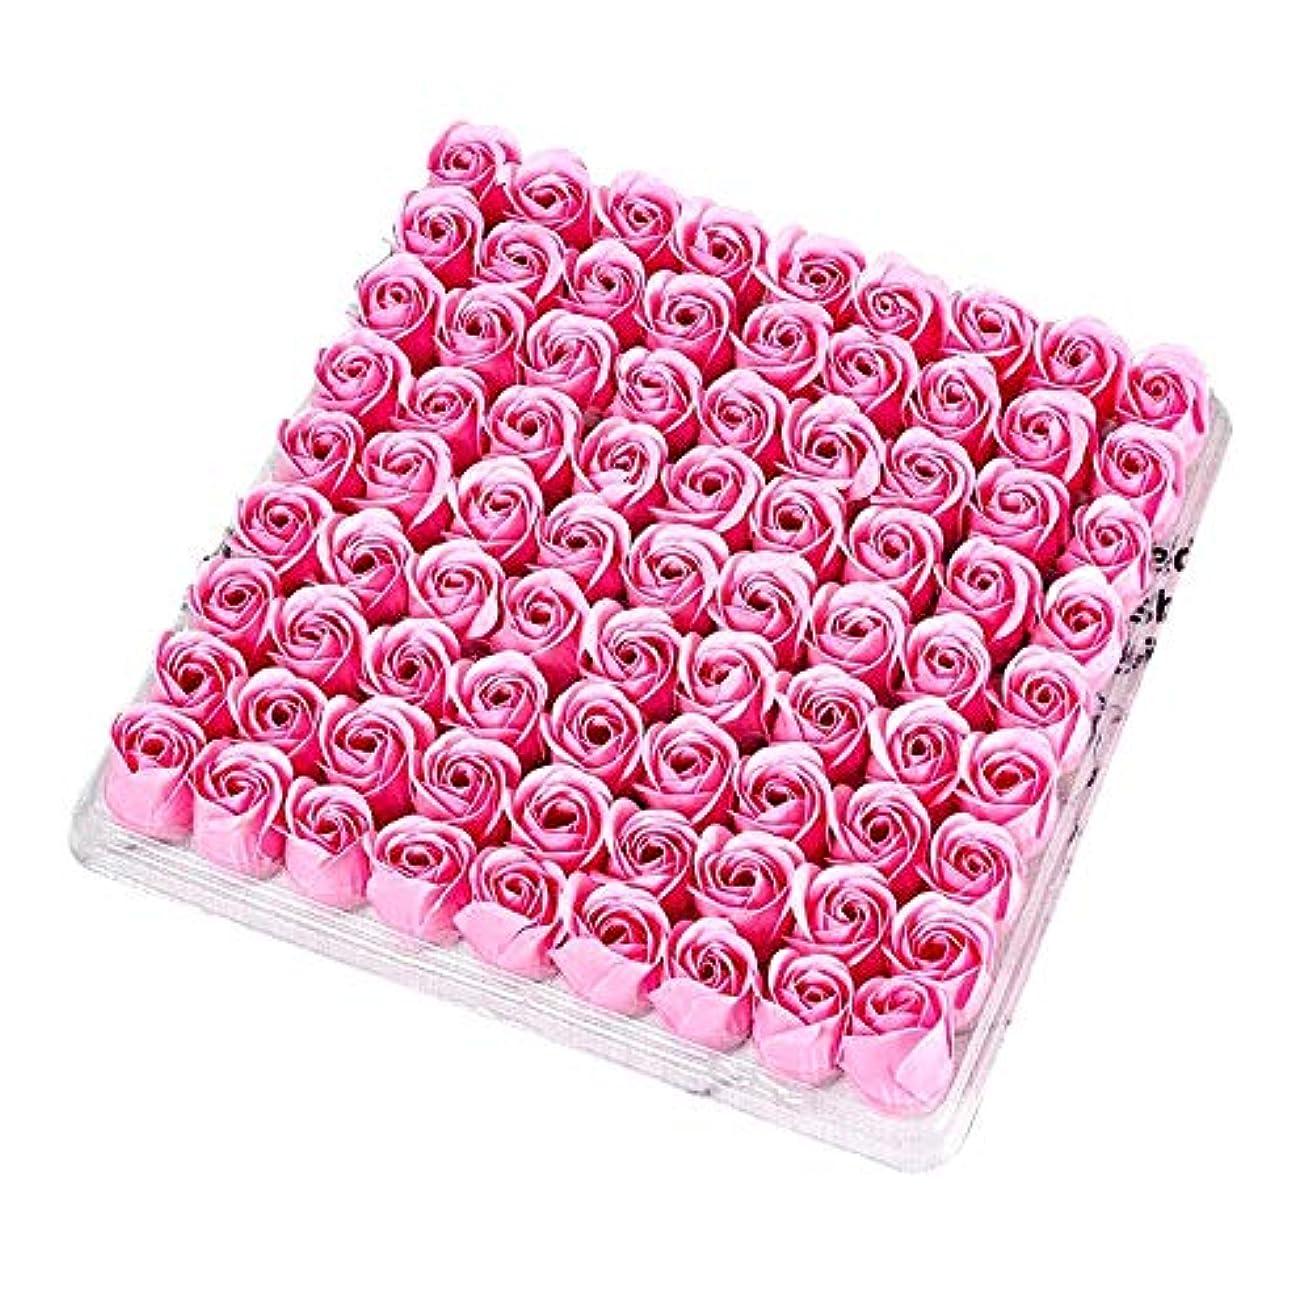 デッドロック悪党驚いたRETYLY 81個の薔薇、バス ボディ フラワー?フローラルの石けん 香りのよいローズフラワー エッセンシャルオイル フローラルのお客様への石鹸 ウェディング、パーティー、バレンタインデーの贈り物、ピンク